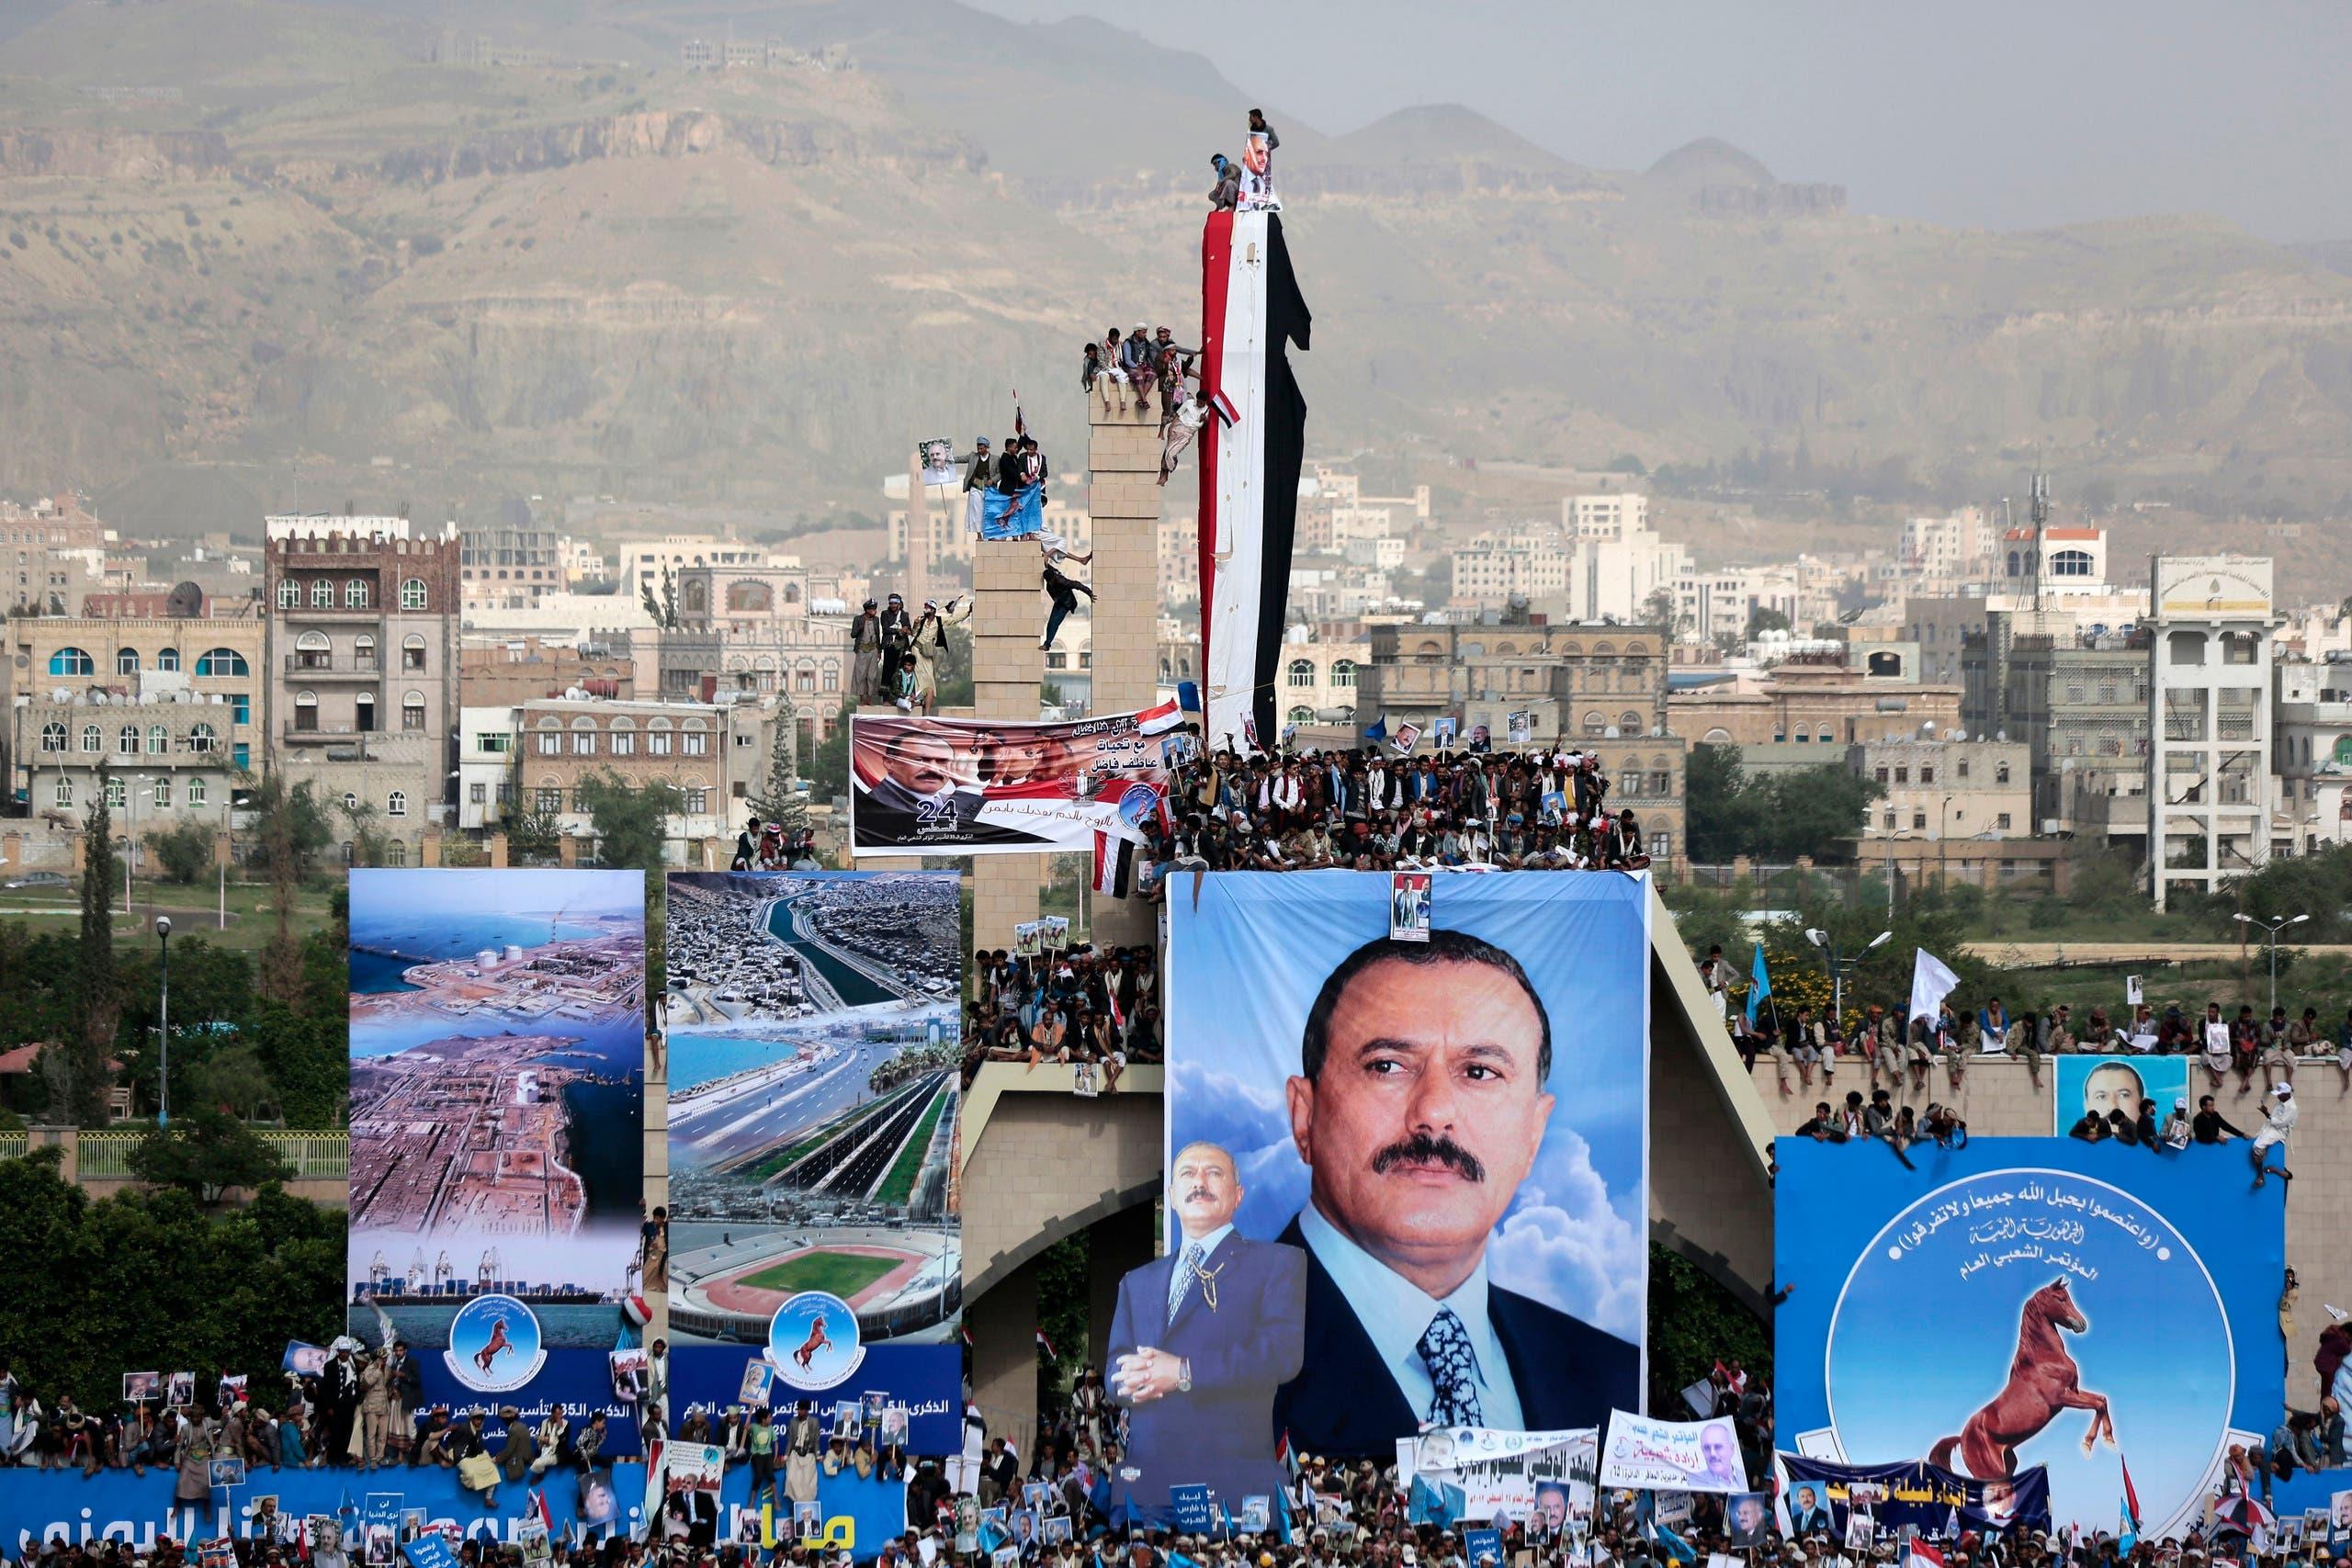 من تظاهرة أنصار صالح في صنعاء الشهر الماضي